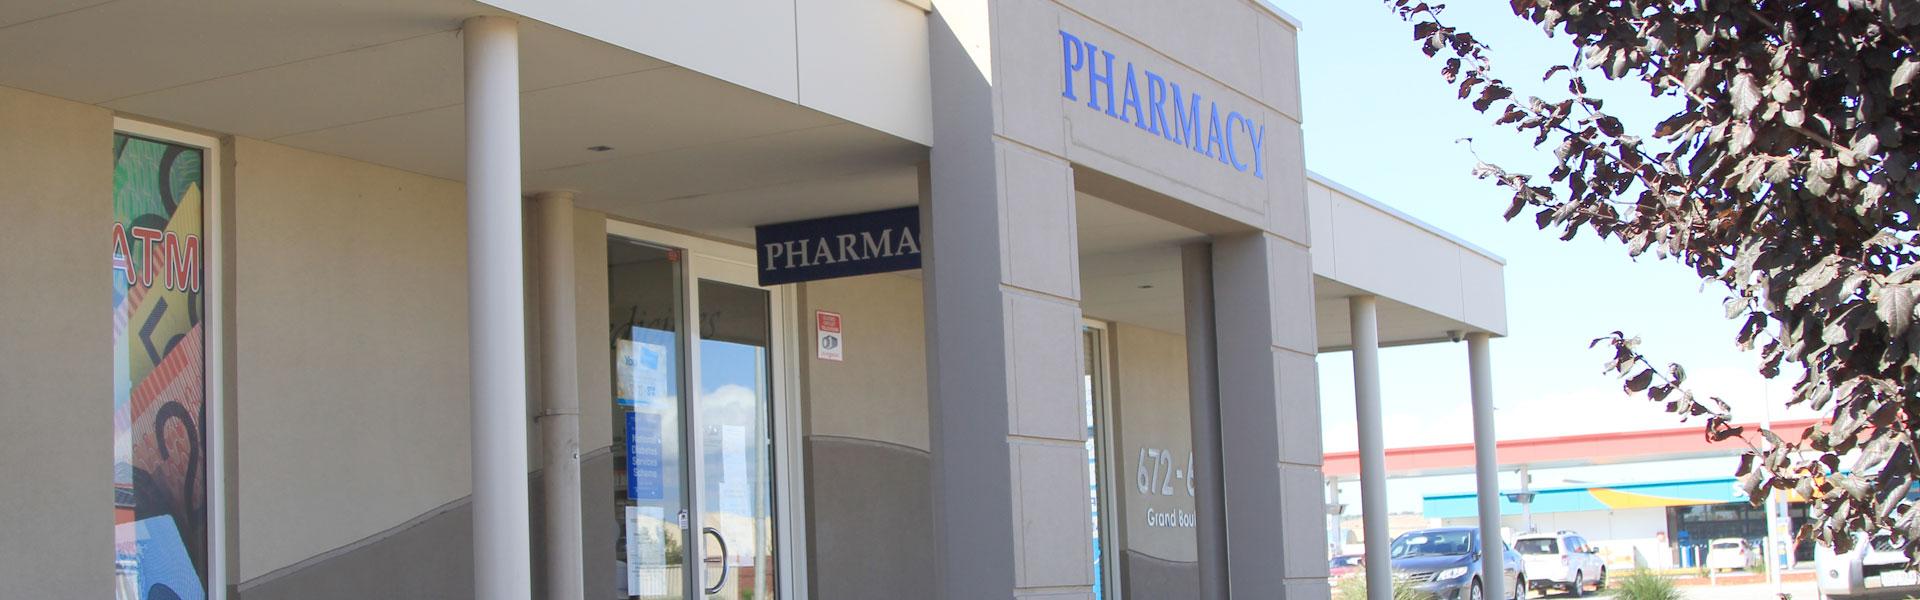 PharmacySlider_1920x600